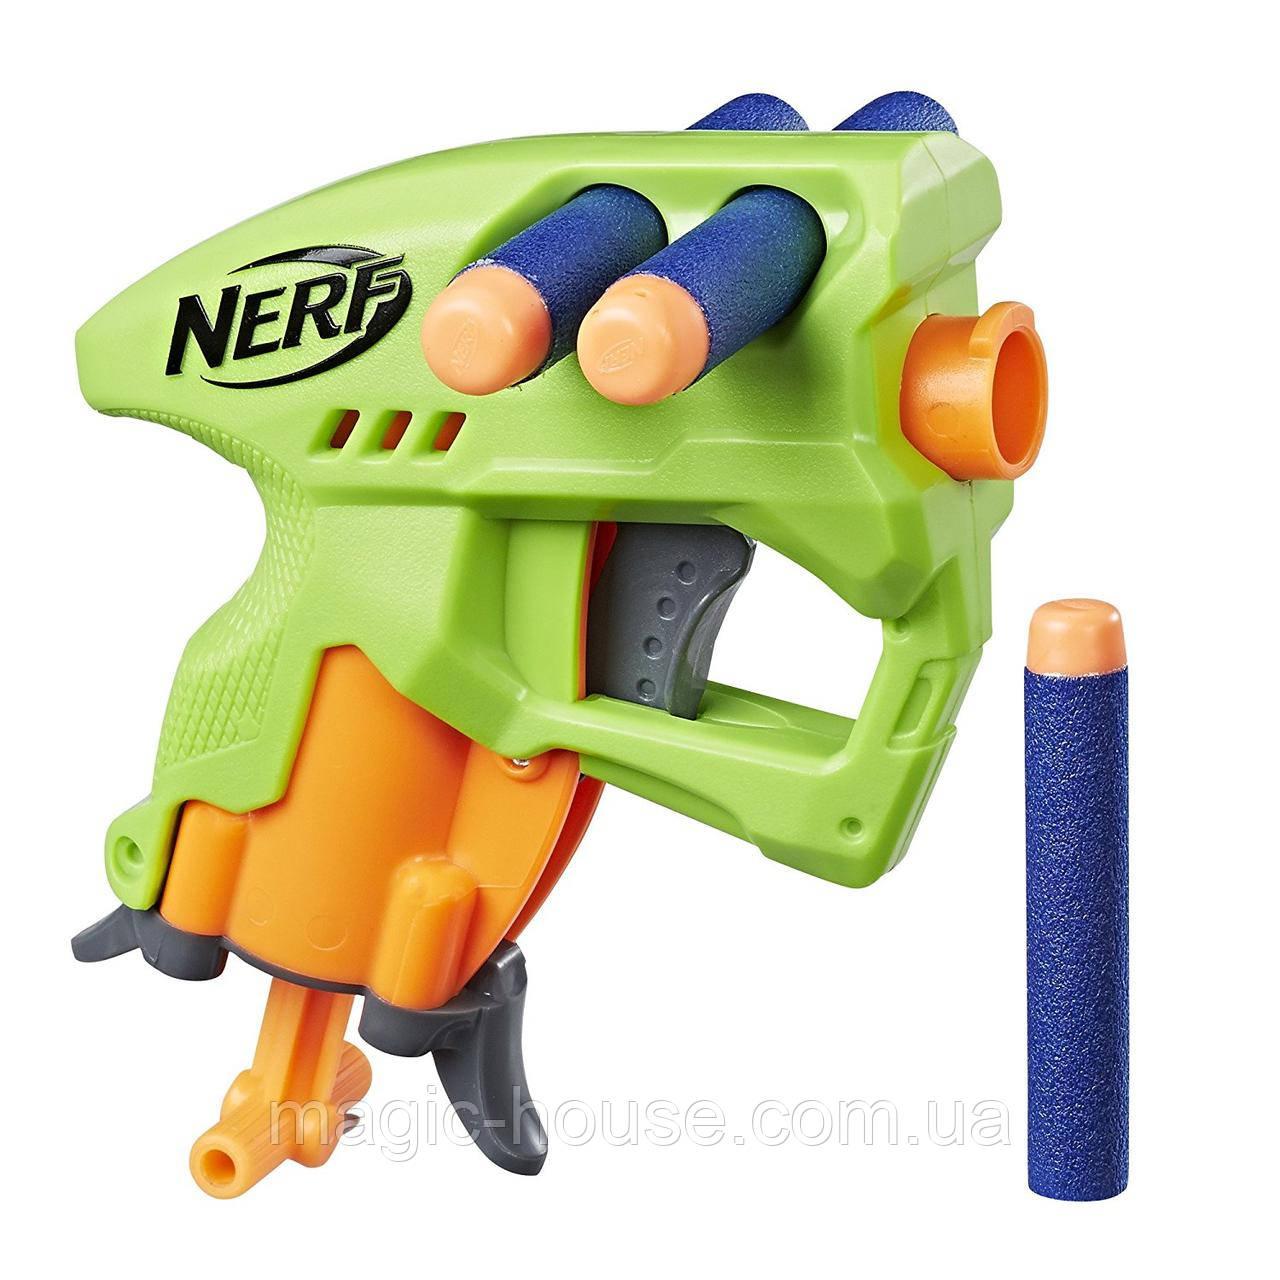 Бластер Нерф Нано Фаер (Салатовый) Nerf N-Strike NanoFire(green)